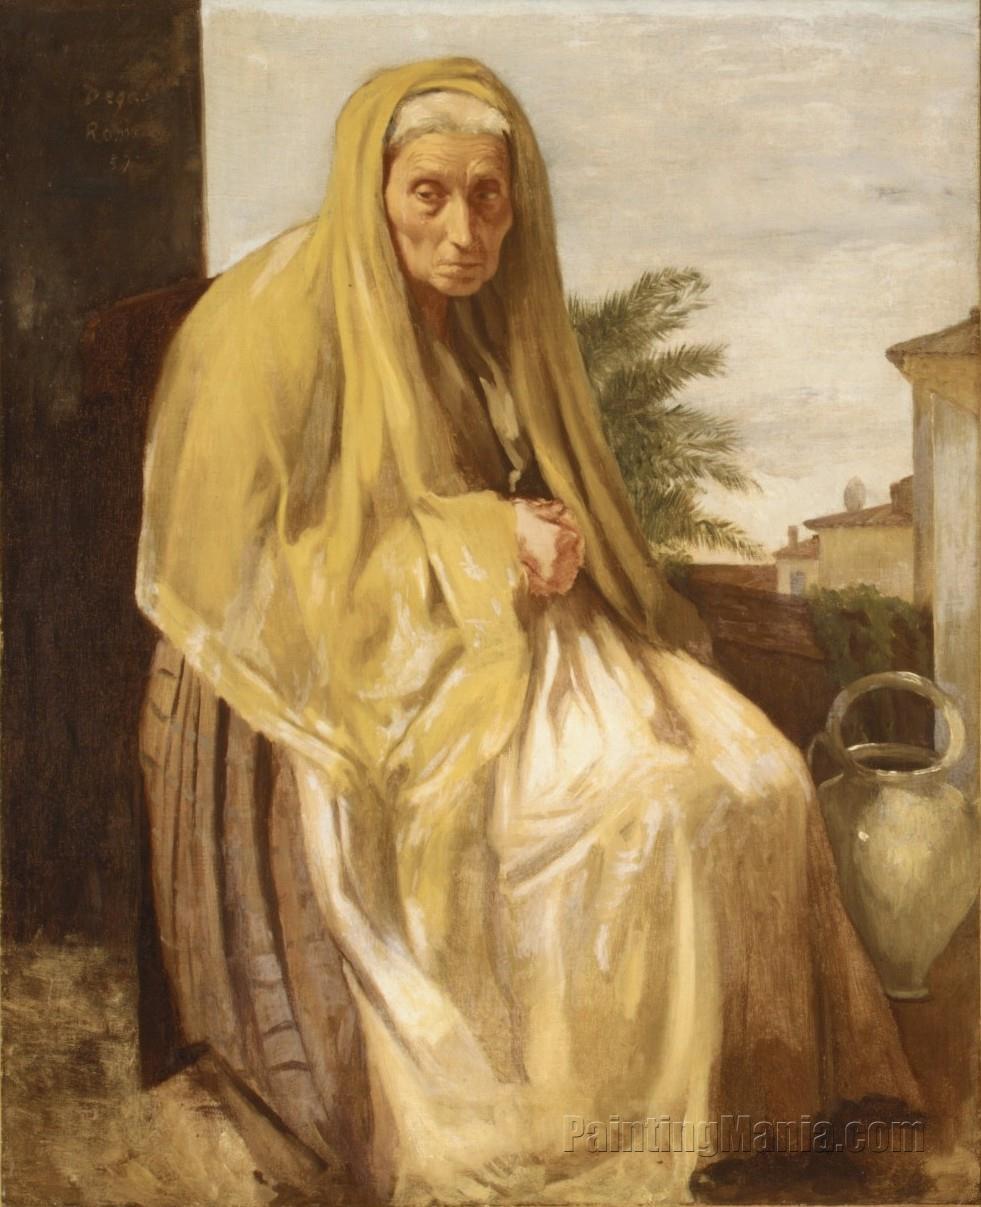 An Old Italian Woman